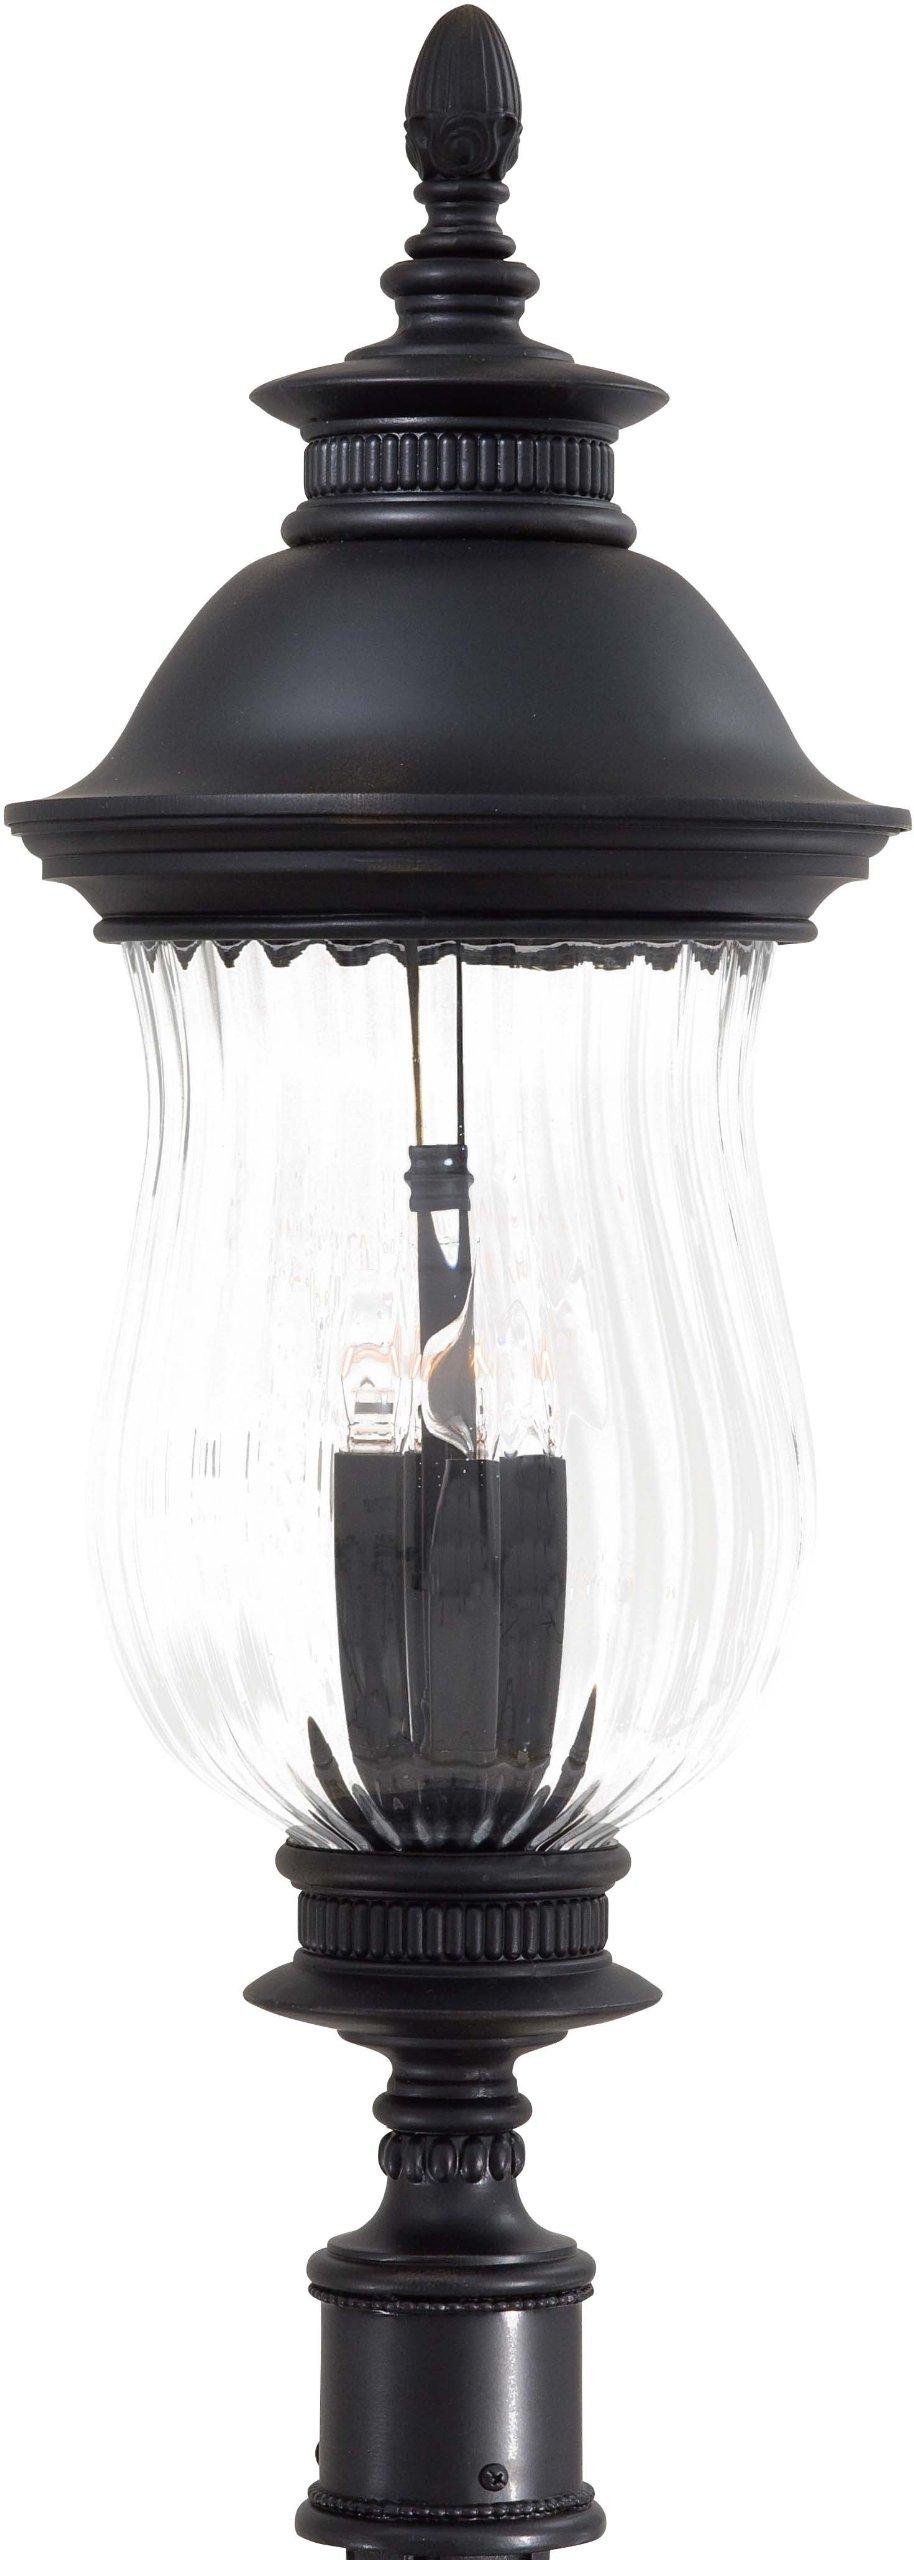 Minka Lavery Outdoor 8906-94, Newport Cast Aluminum Outdoor Post Lighting, 160 Total Watts, Heritage